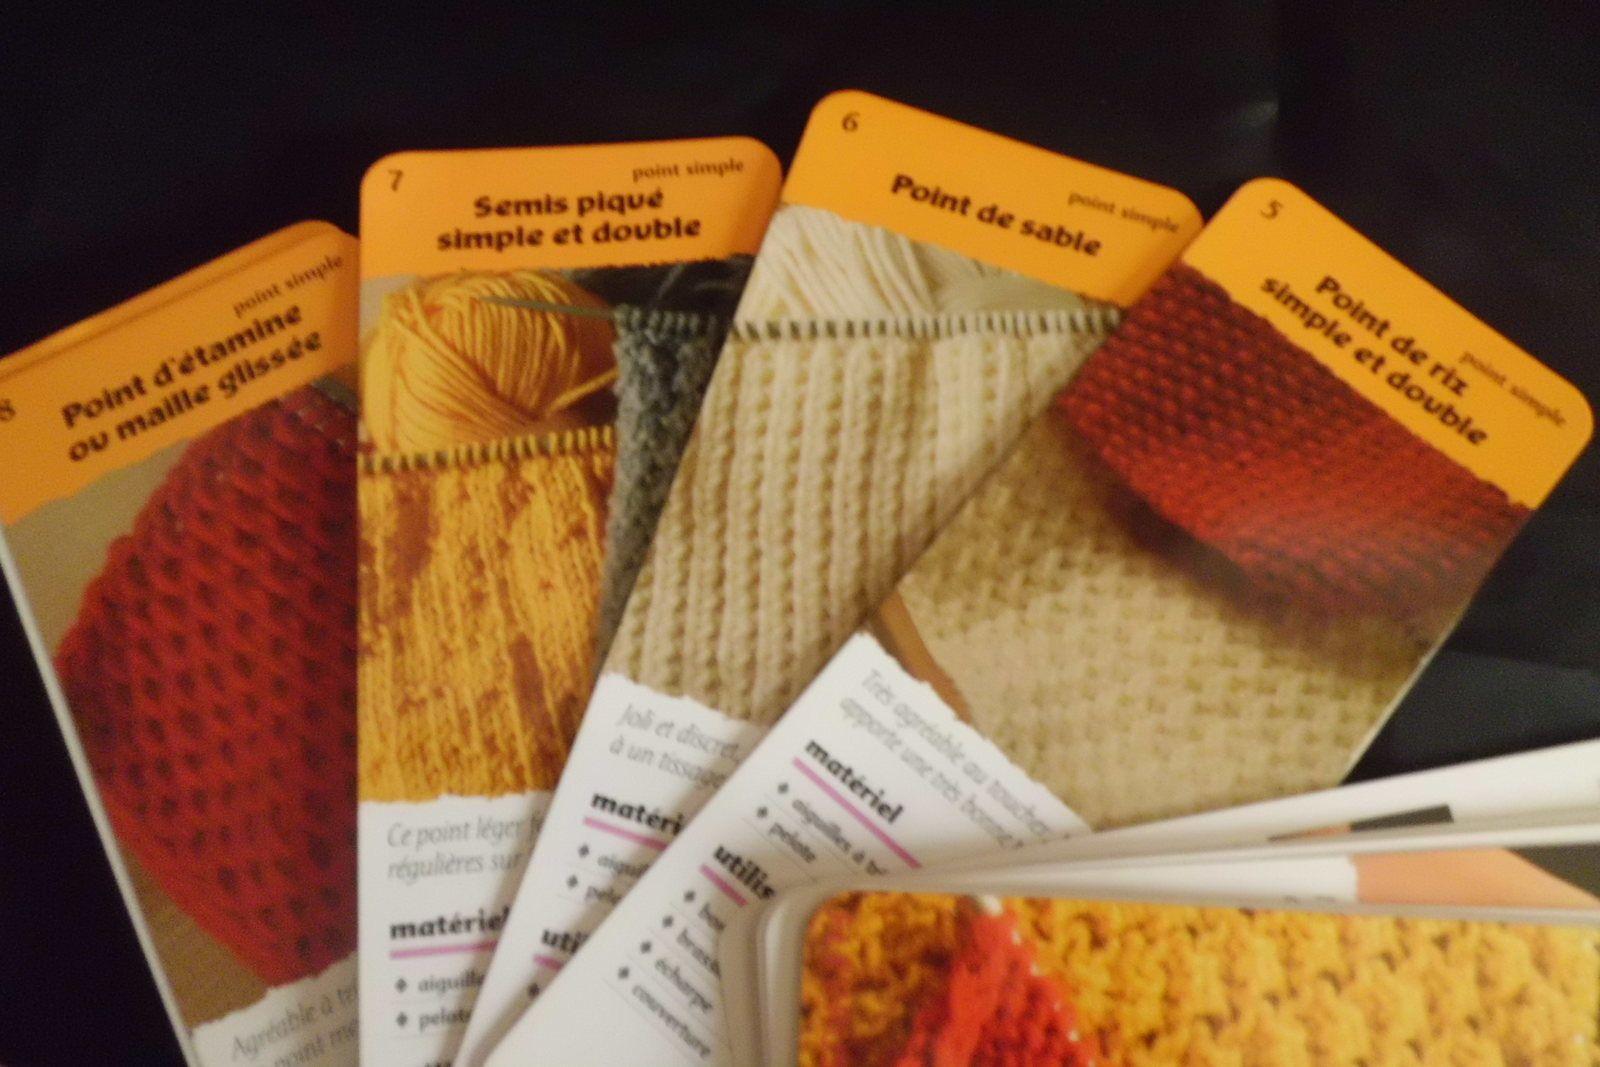 Petits Livres Utiles: Points de tricot / Little Usefull Books: Points de tricot